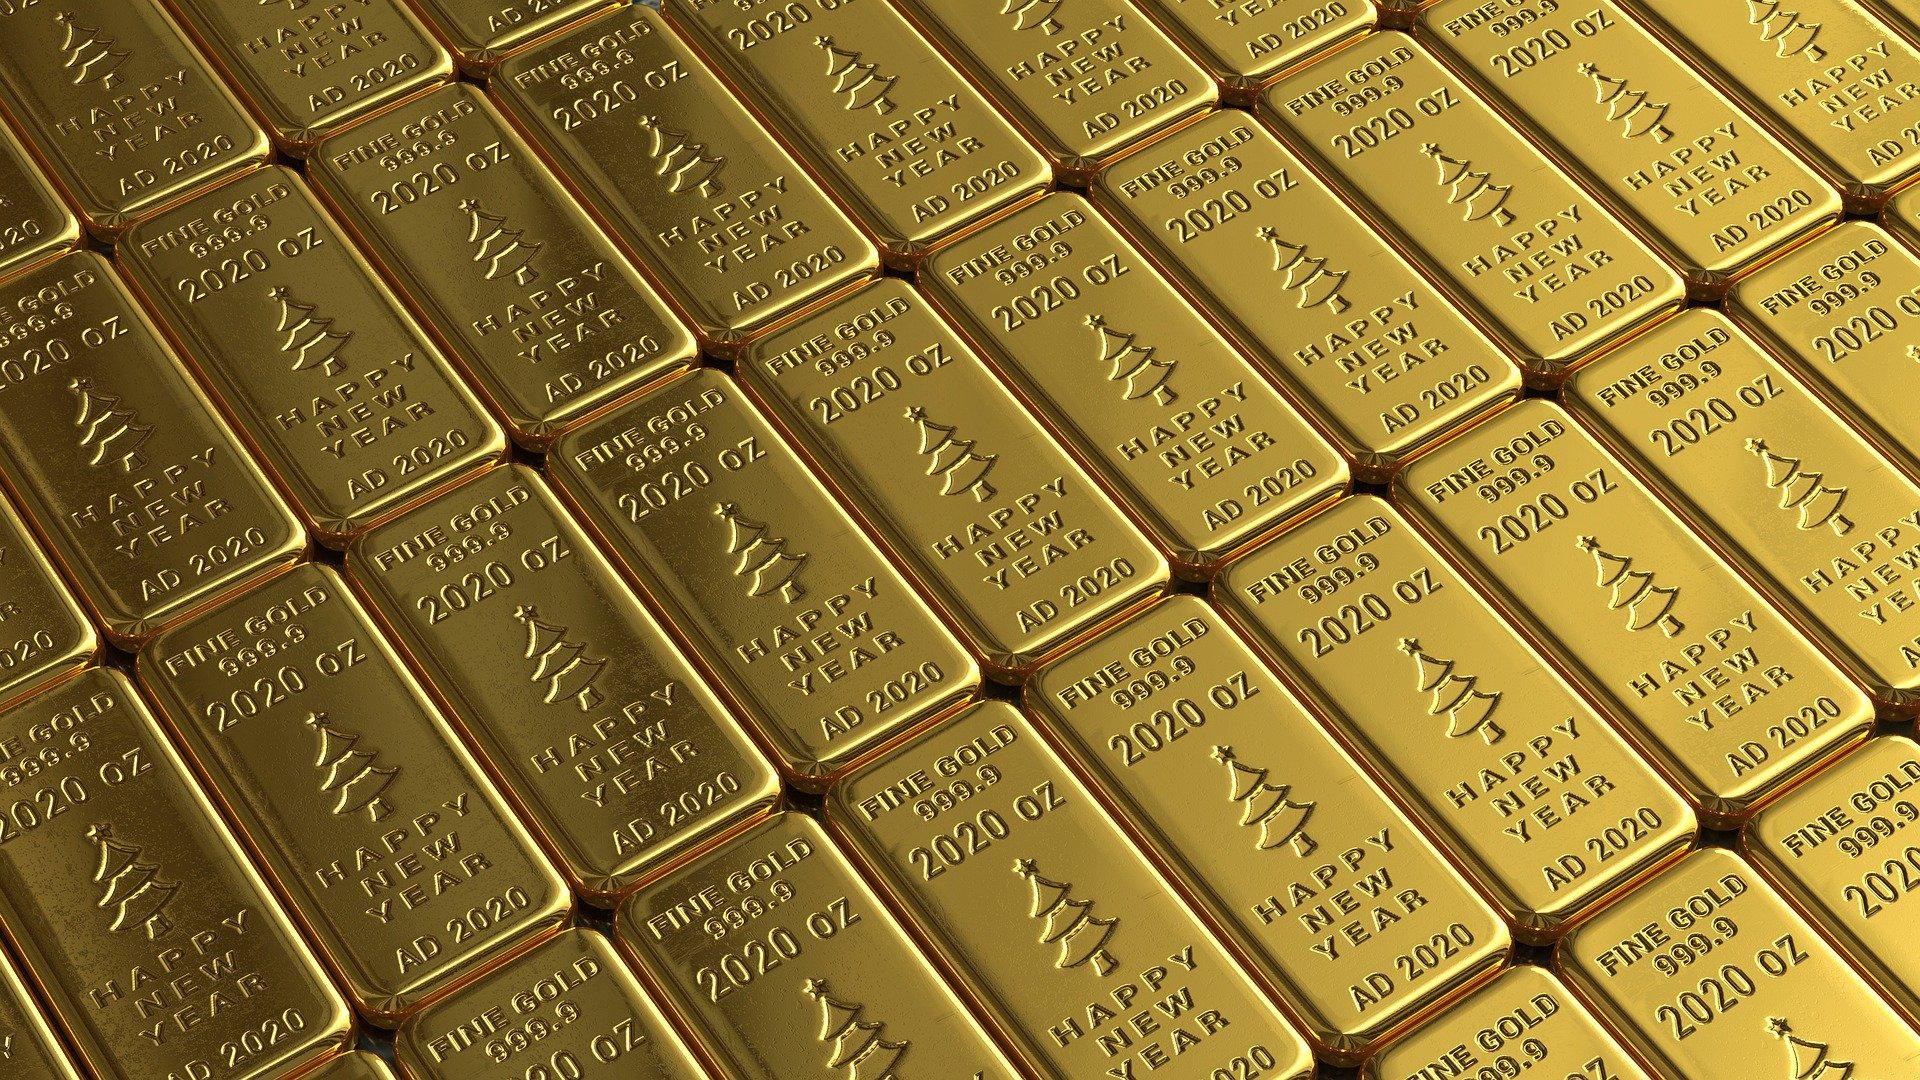 【速報】ニューヨーク金先物相場が7年4ヶ月ぶりの高値。貴金属、宝石、ジュエリーの売却に関するどんなお悩みもお気軽にご相談ください。